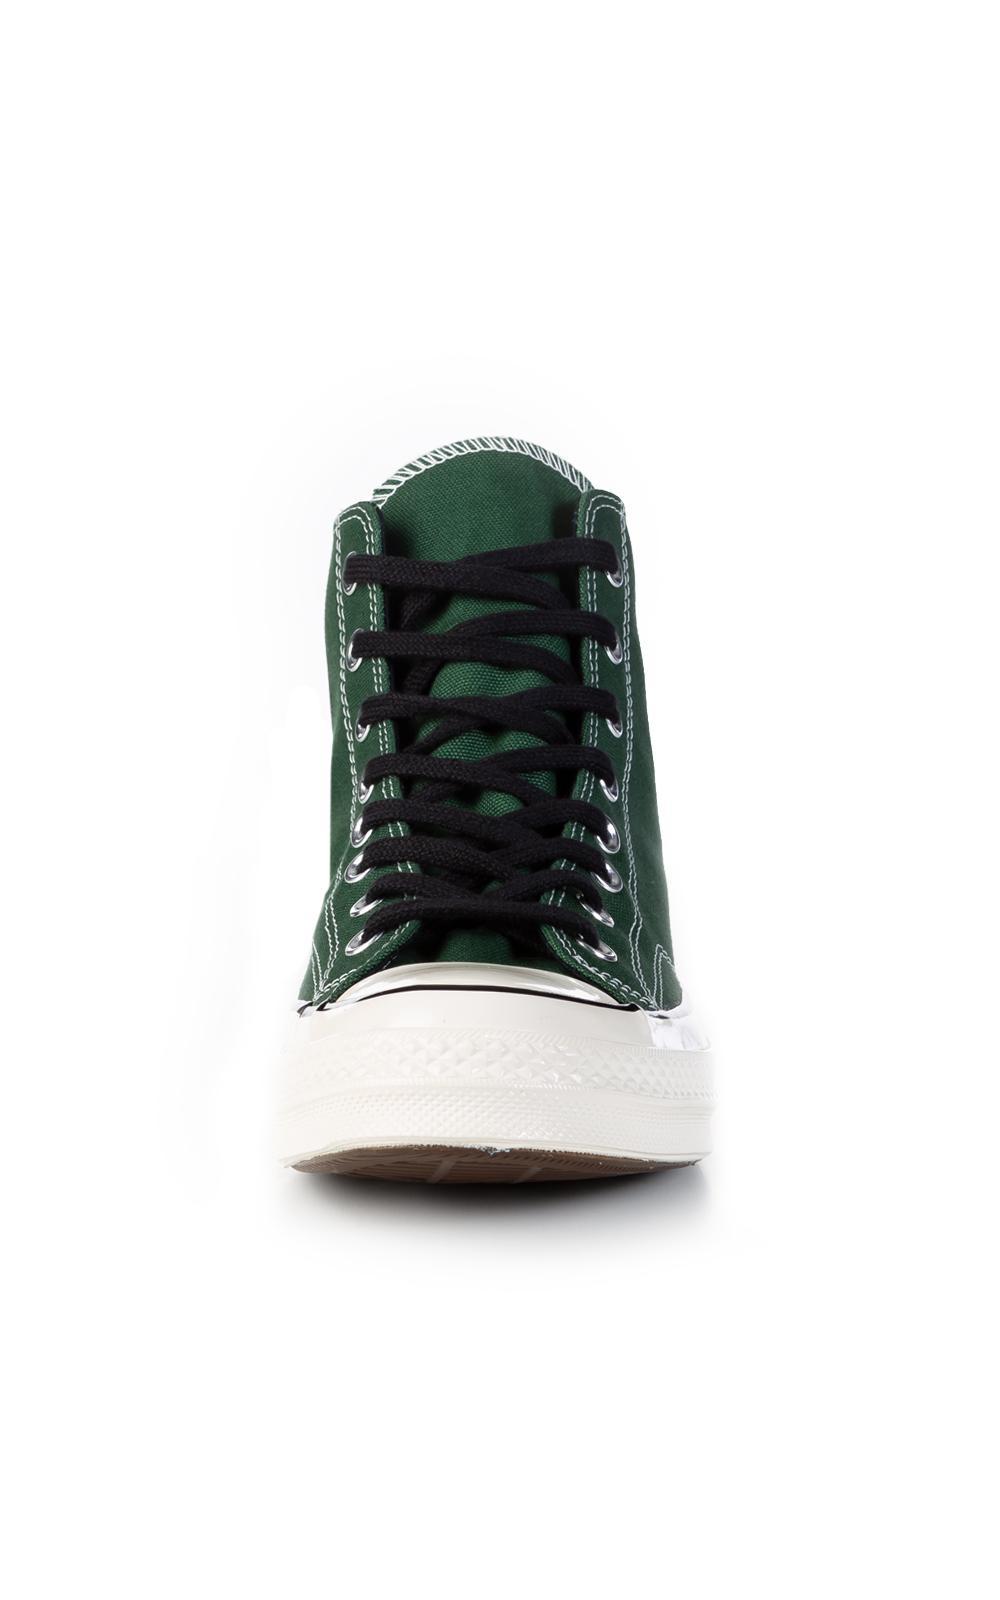 abb24c7d5de2 Converse - Green All Star Chuck 70 Hi Fir for Men - Lyst. View fullscreen